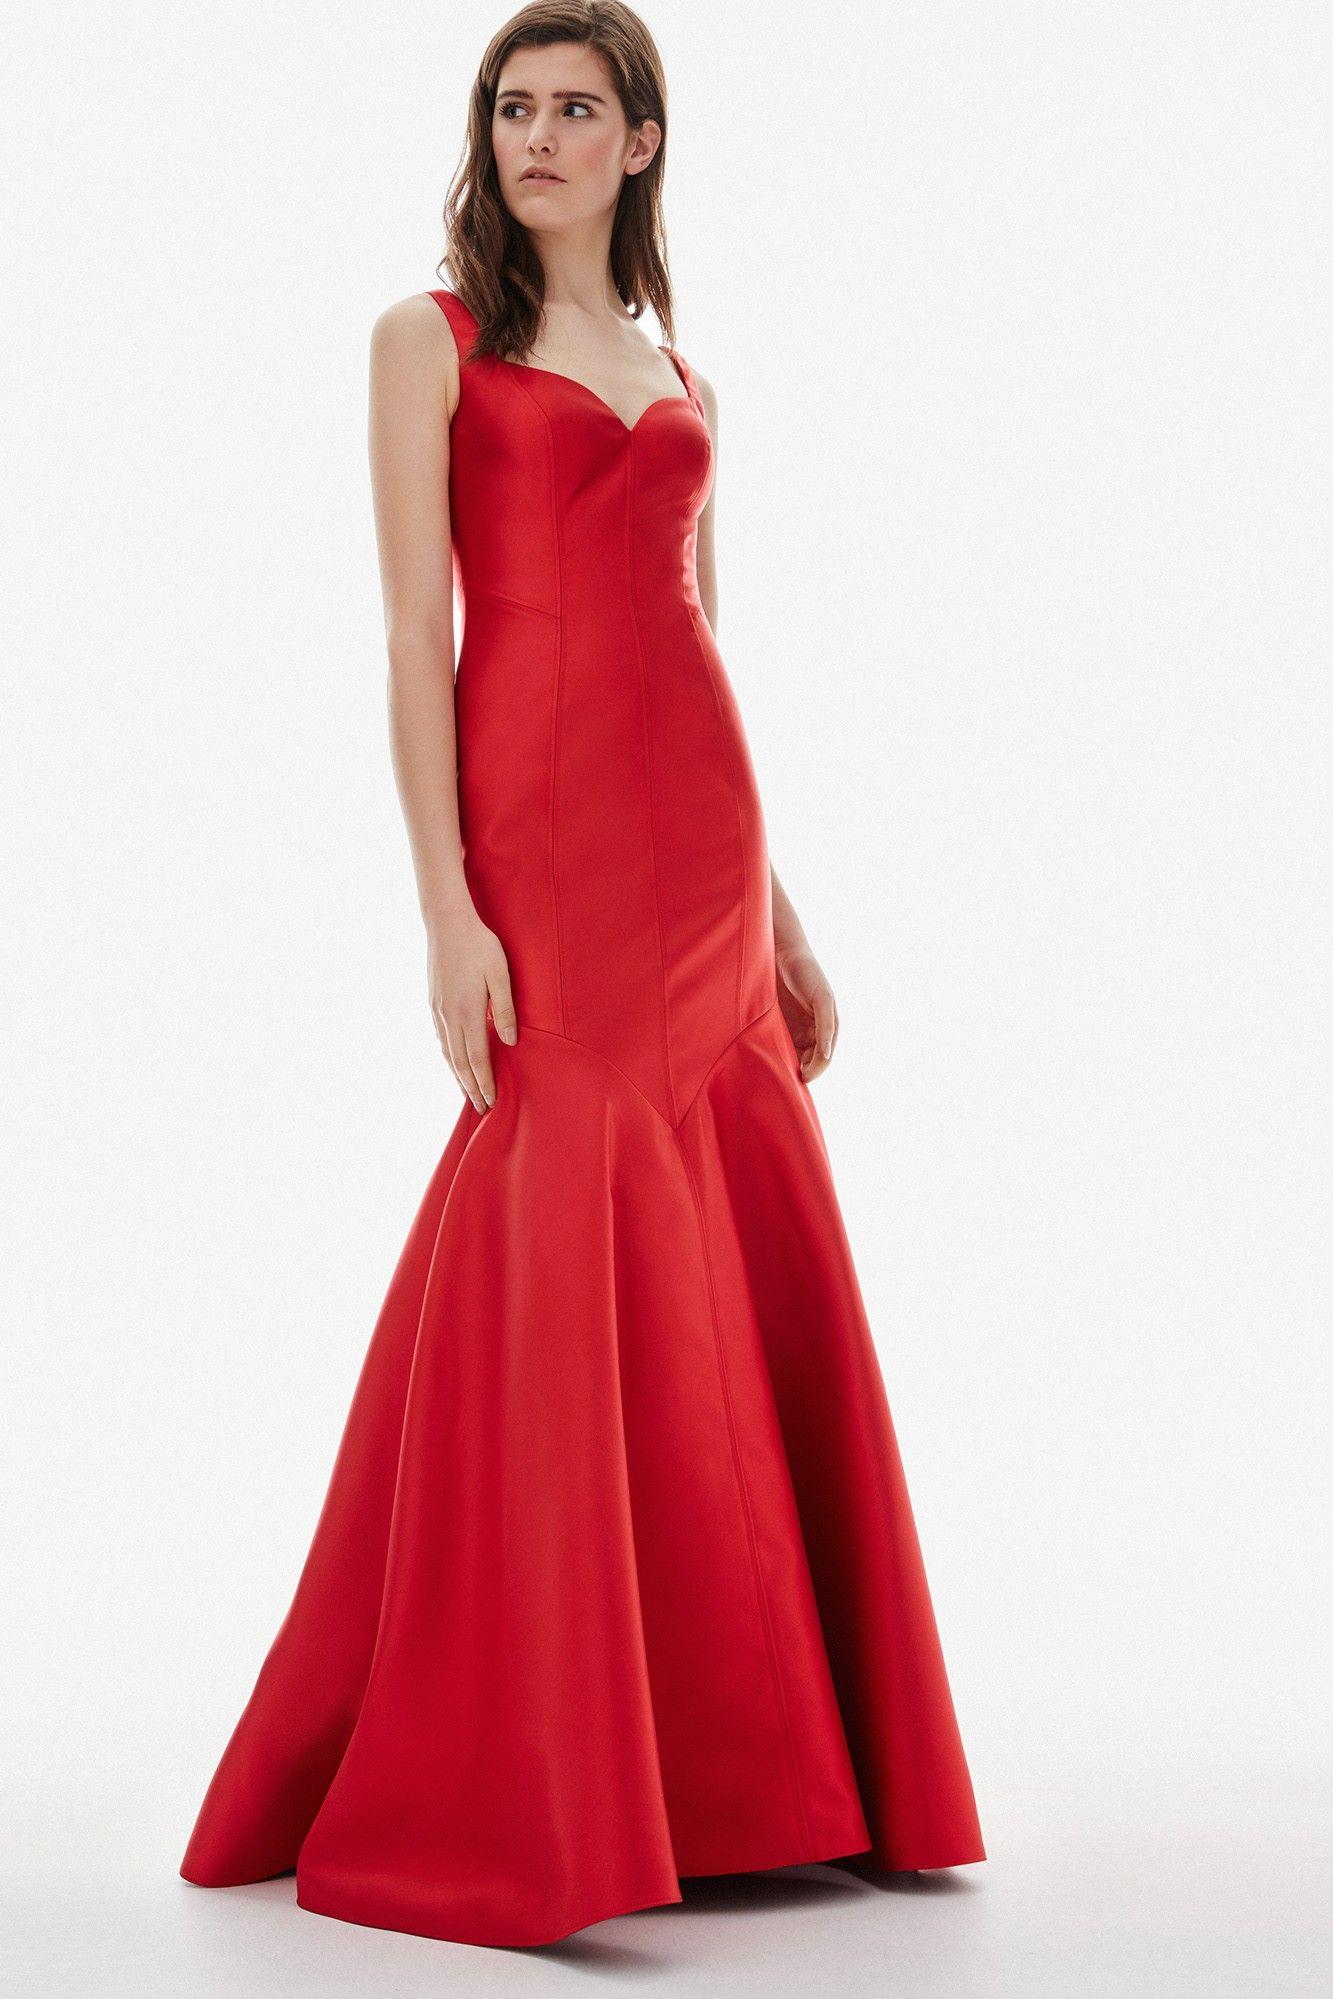 7ae49d9d4110 Vestido rojo largo de corte sirena | Adolfo Dominguez shop online ...